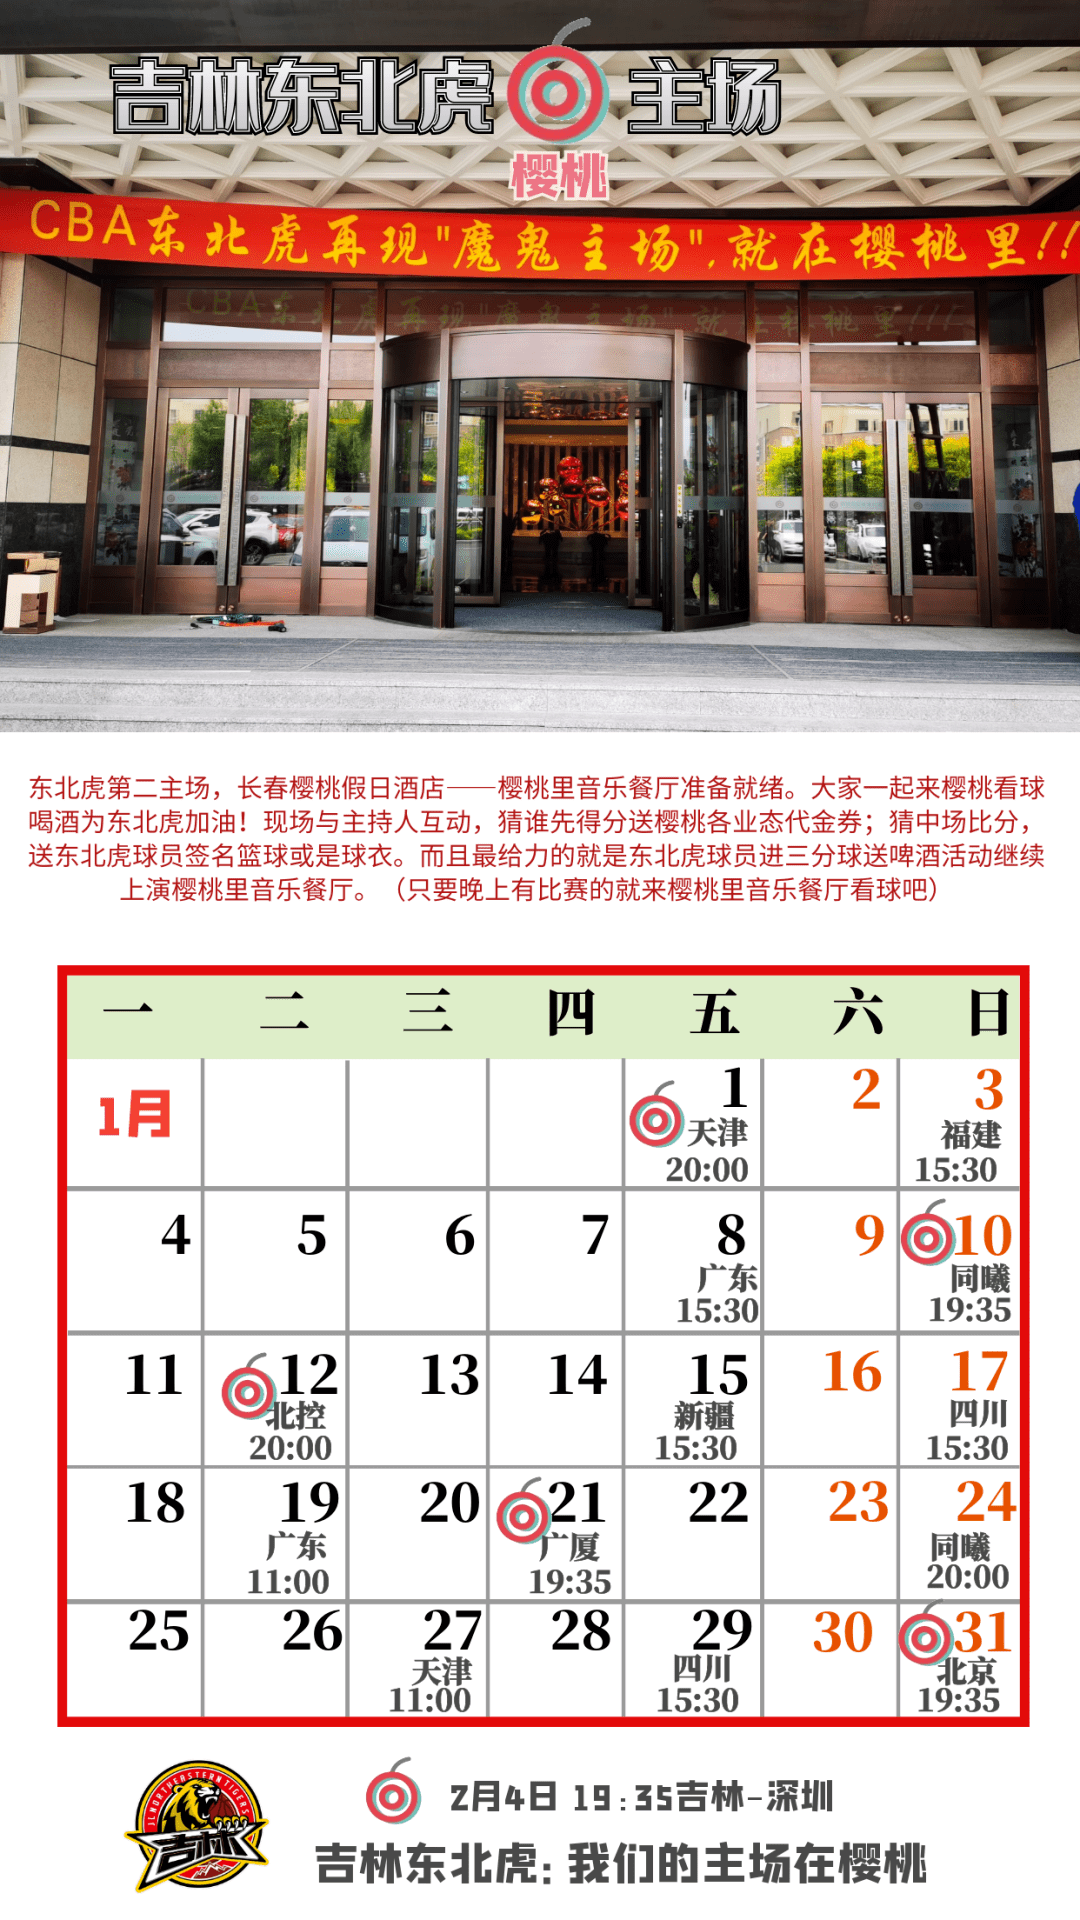 """""""OD体育"""" CBA积分榜 吉林九台农商银行16(图3)"""